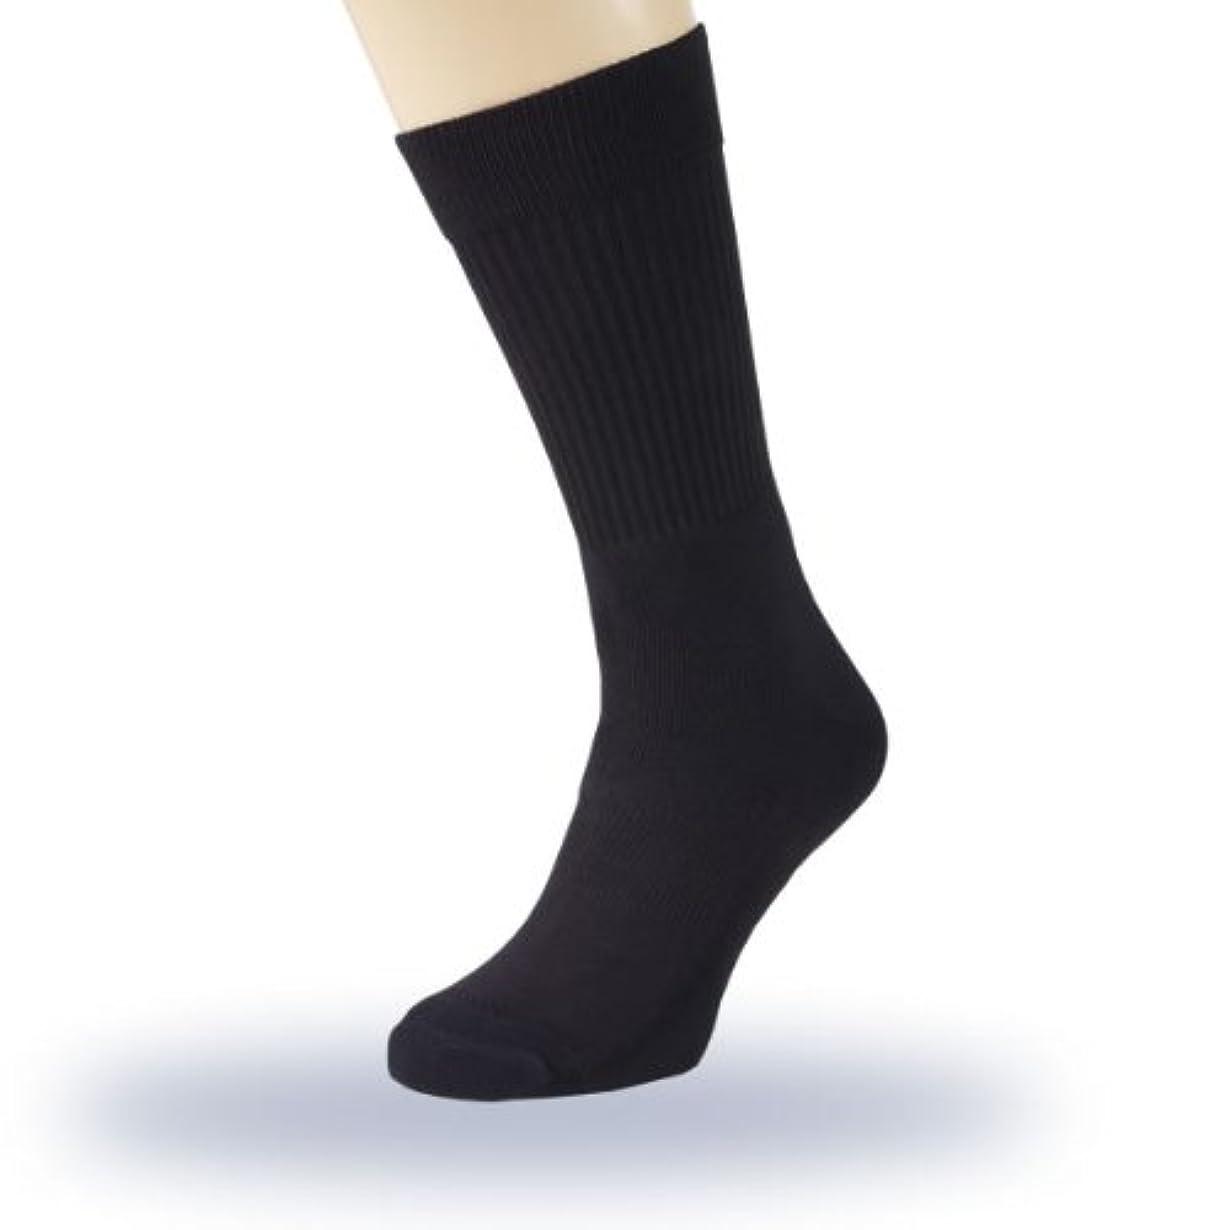 仲間、同僚否定する現代フットケアソックス PROTECT iT(プロテクトイット) 男女兼用 ブラック (M 23cm~25.5cm)